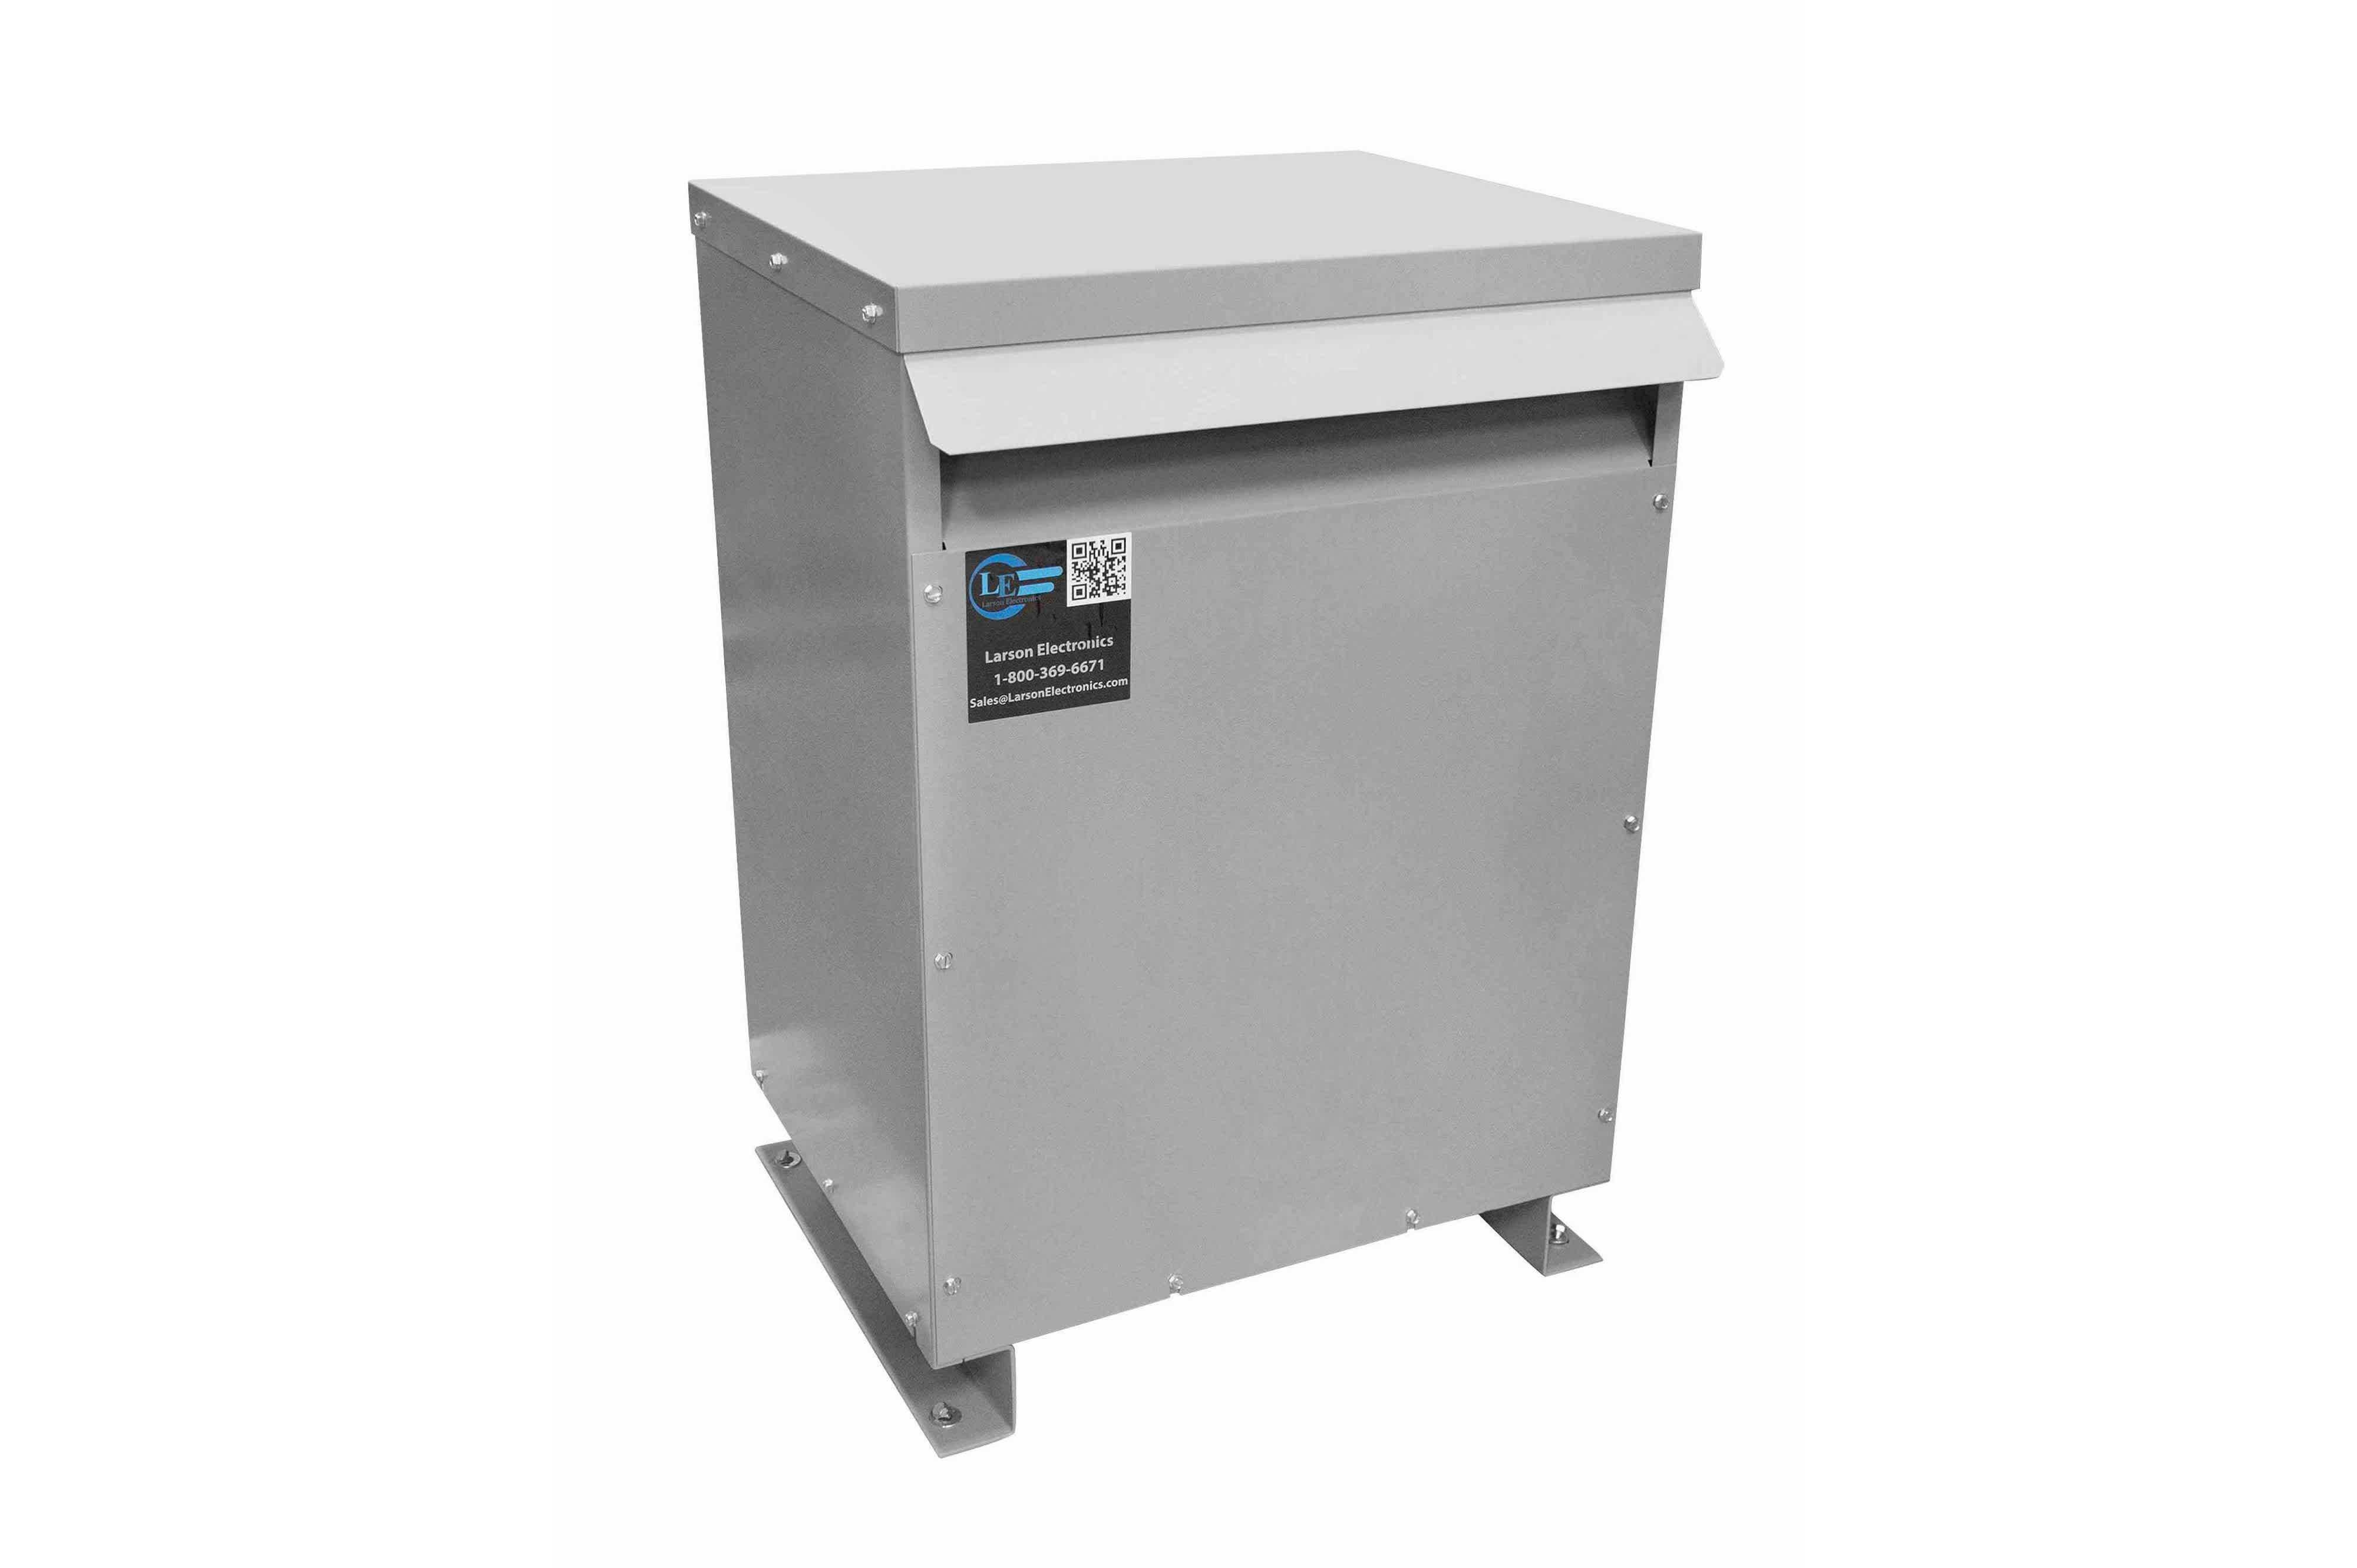 27 kVA 3PH Isolation Transformer, 600V Delta Primary, 460V Delta Secondary, N3R, Ventilated, 60 Hz